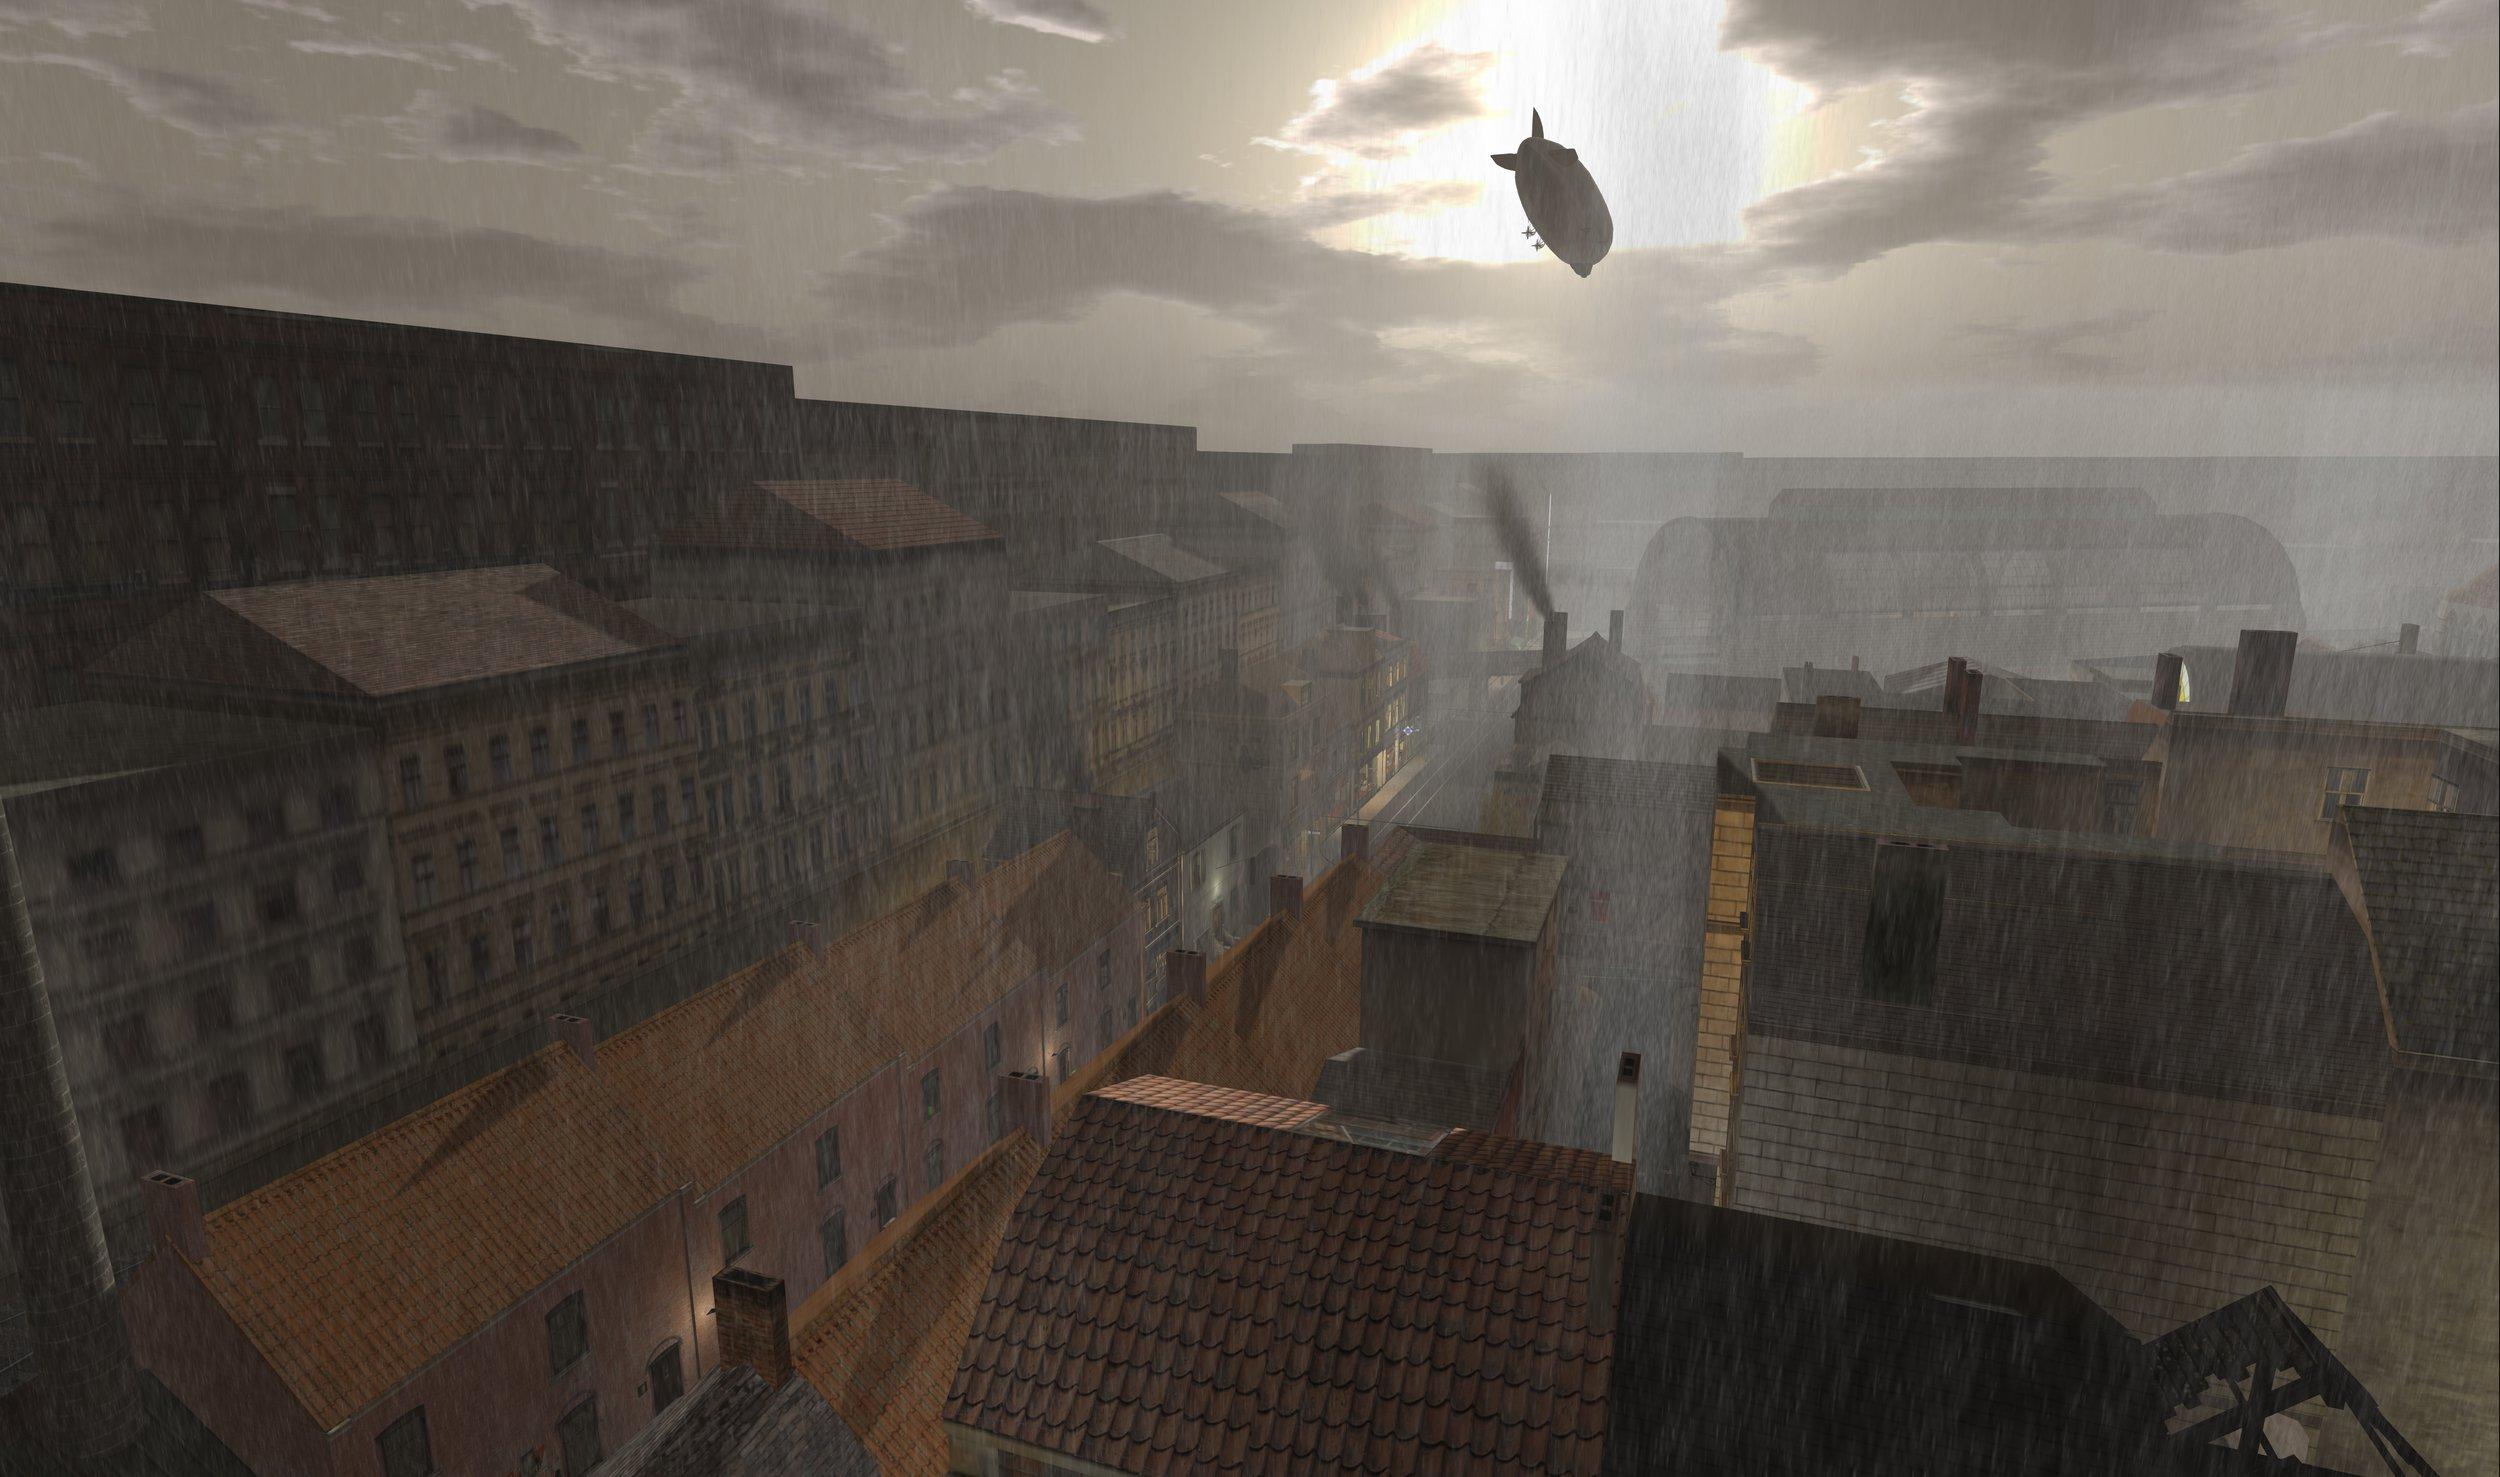 Un Zeppelin sobrevuela un barrio de clase obrera en  The 1920s Berlin Project,  desarrollado en el mundo virtual de  Second Life, por Jo Yardley, 2016 ( fuente )